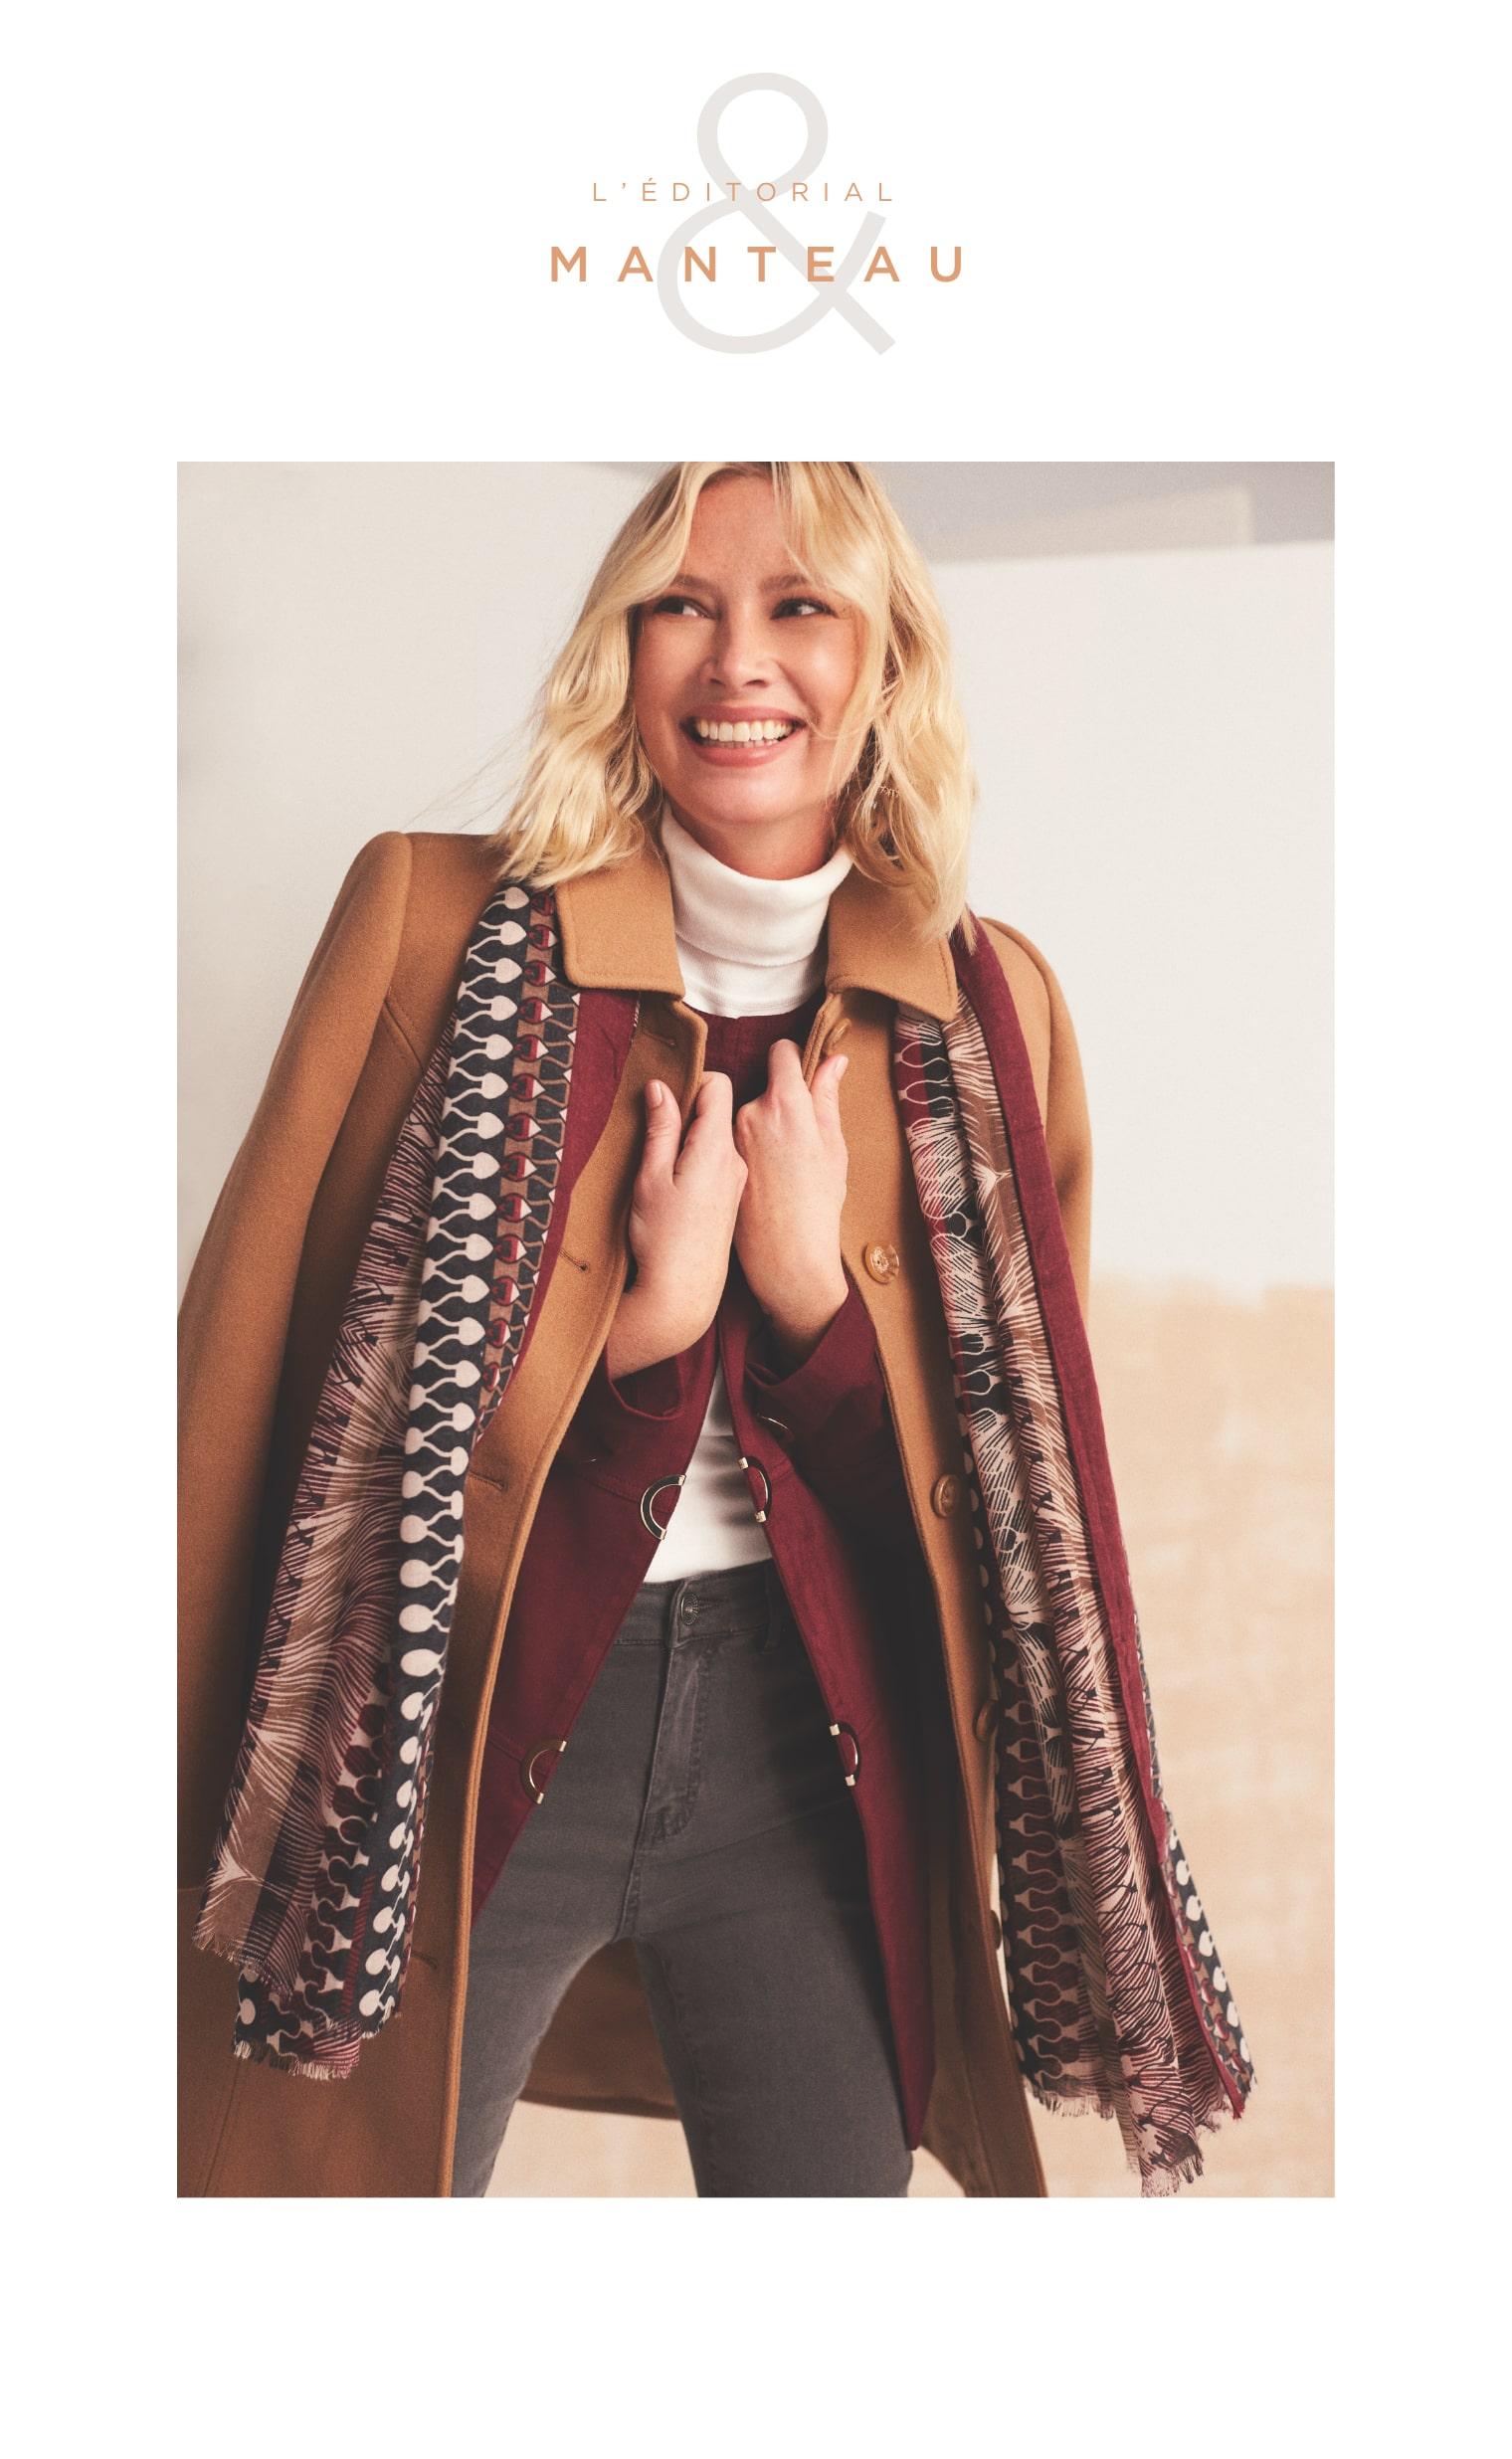 Manteau structuré aspect laine